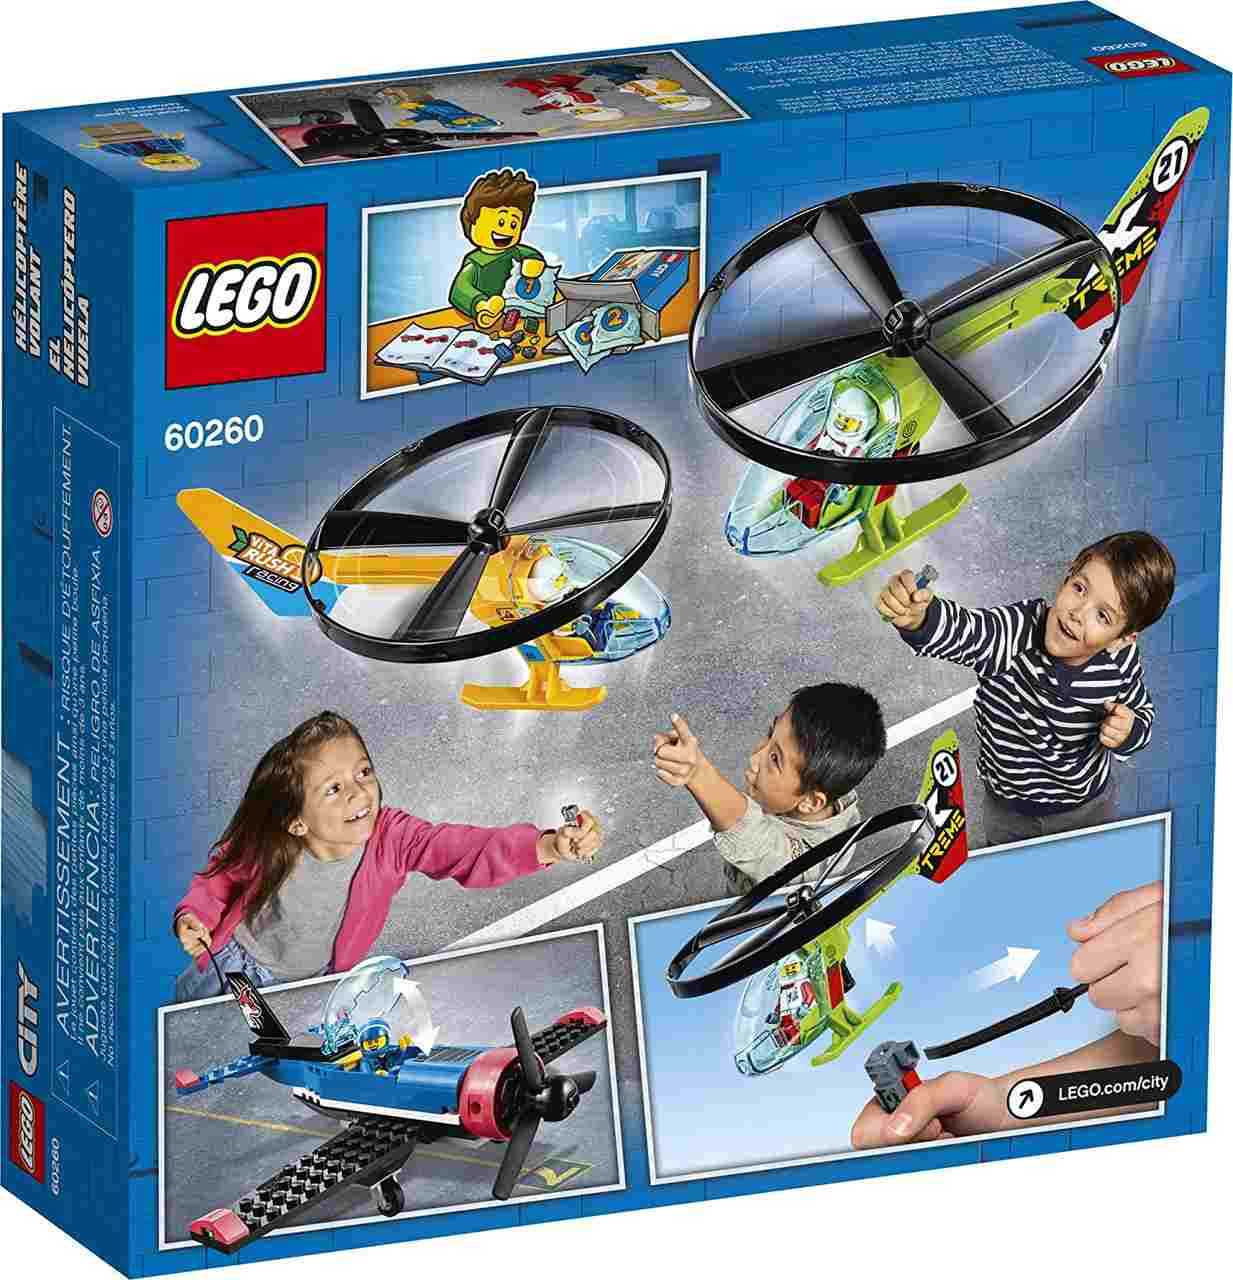 Lego City 60260 - Veiculo Avião Corrida Aérea Com 140 Peças